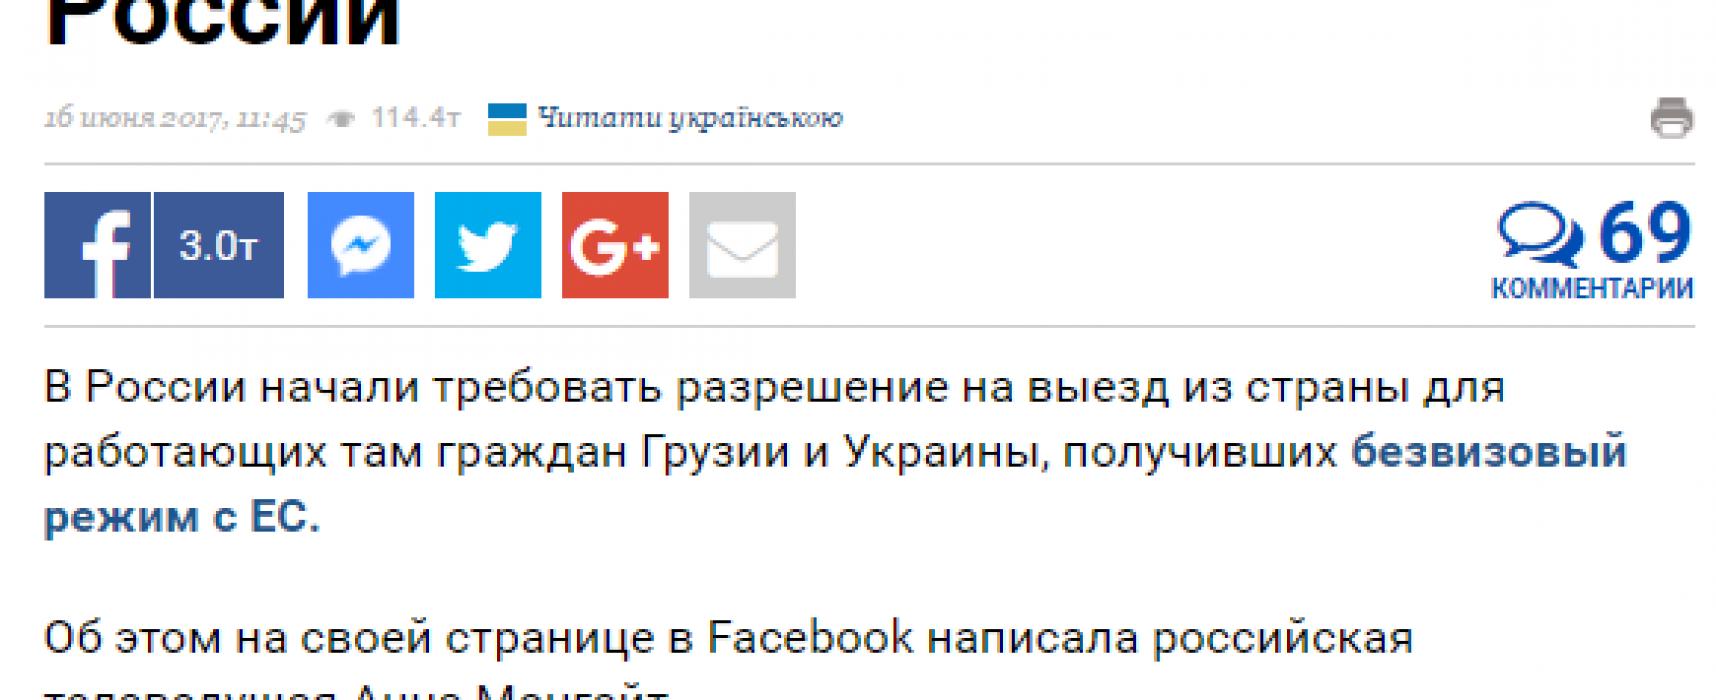 Falso: en Rusia demandan un permiso especial para salir del país a los ucranianos que trabajan allí